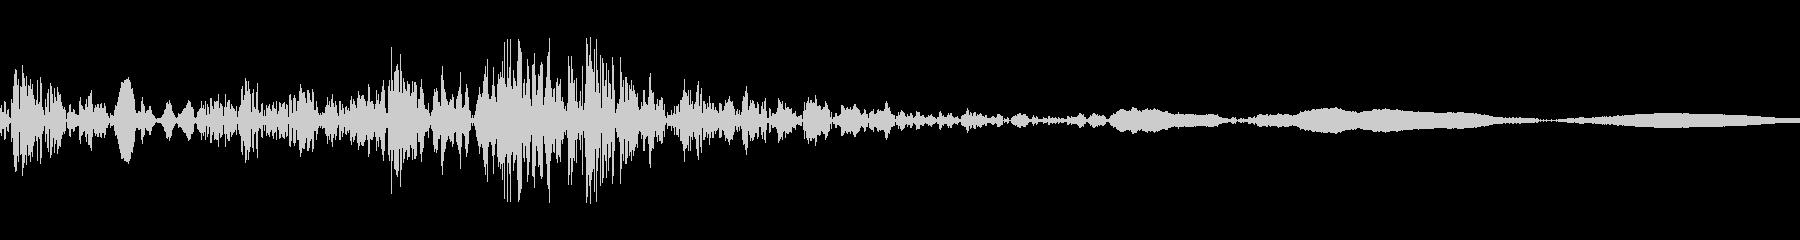 ドアノブをガチャっとする音の未再生の波形